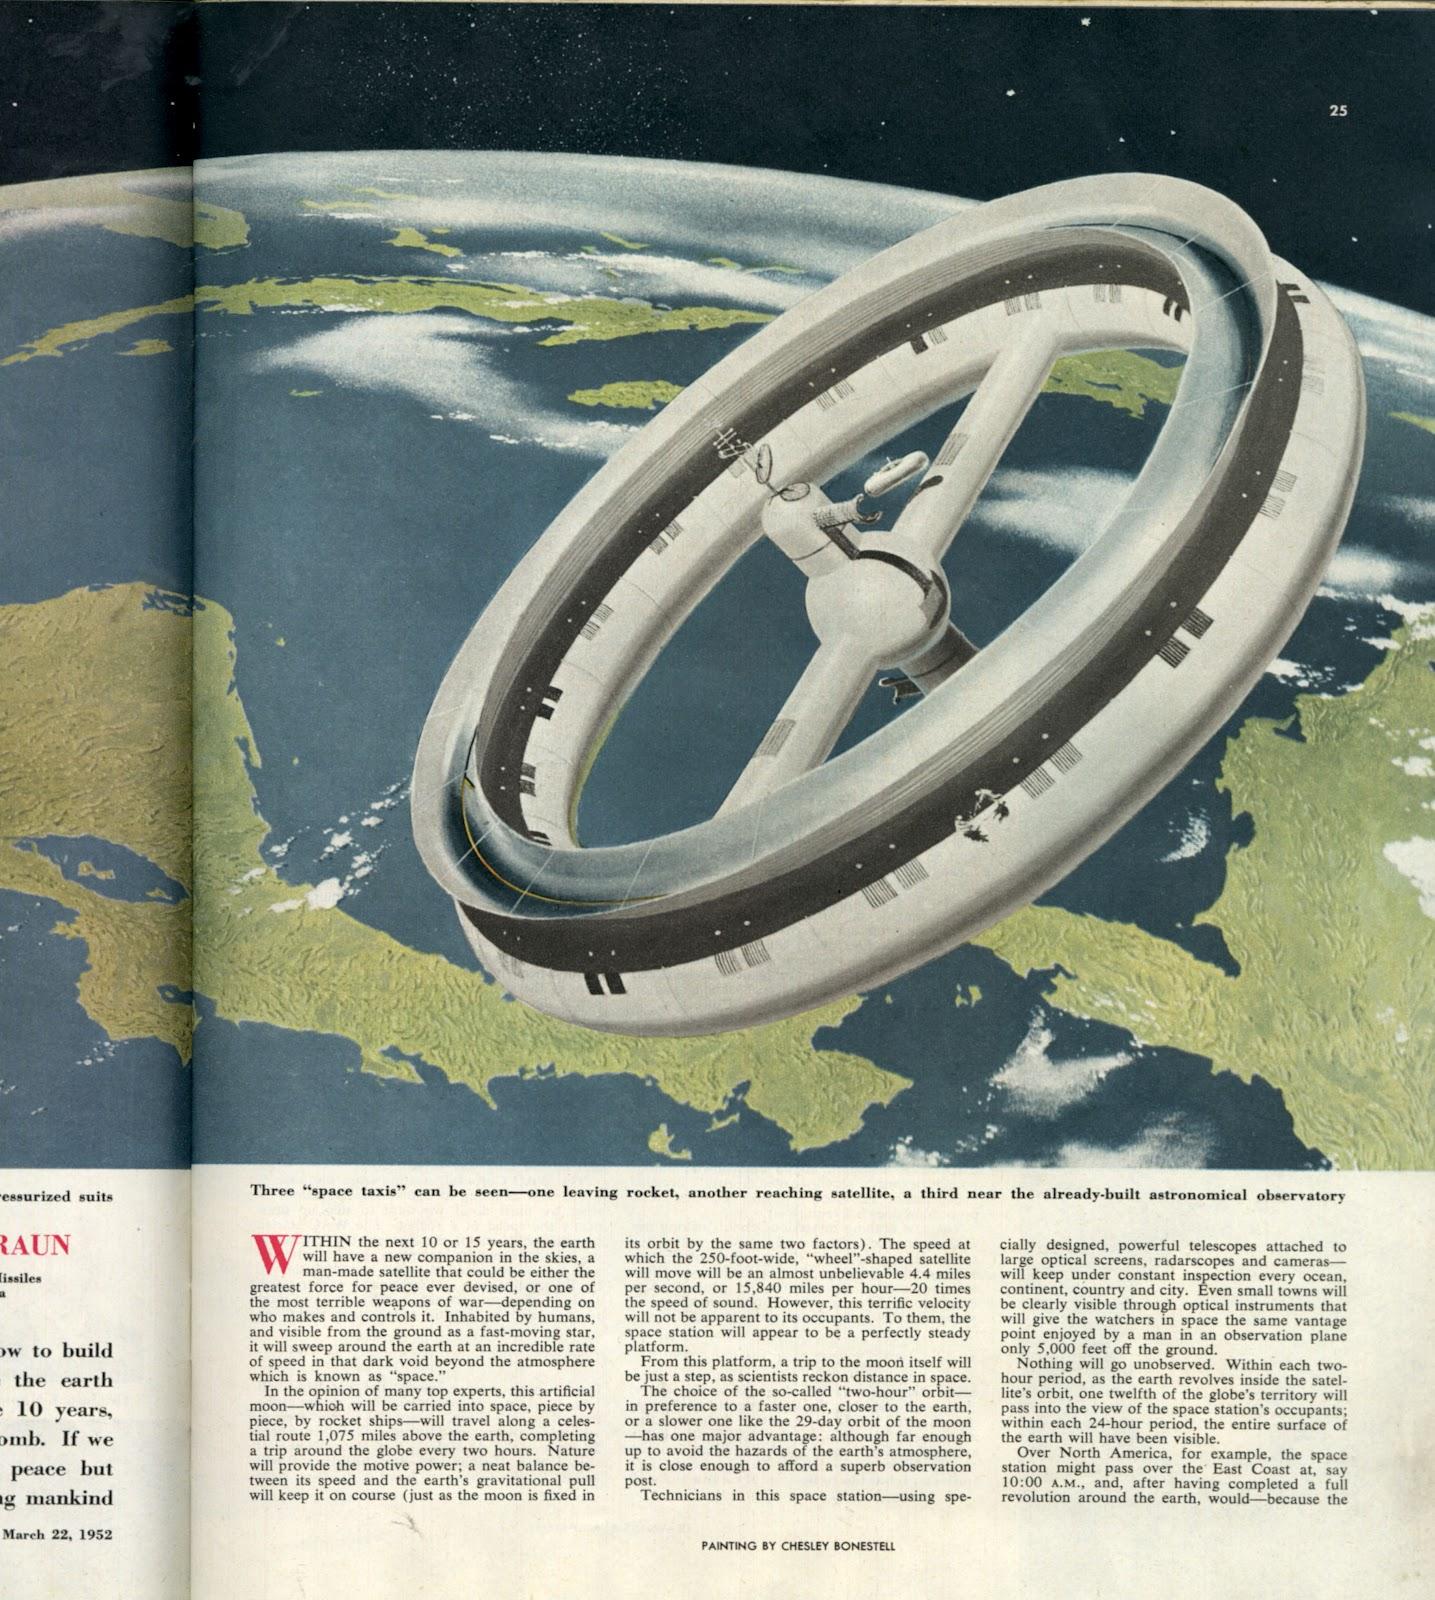 von braun space station - photo #11